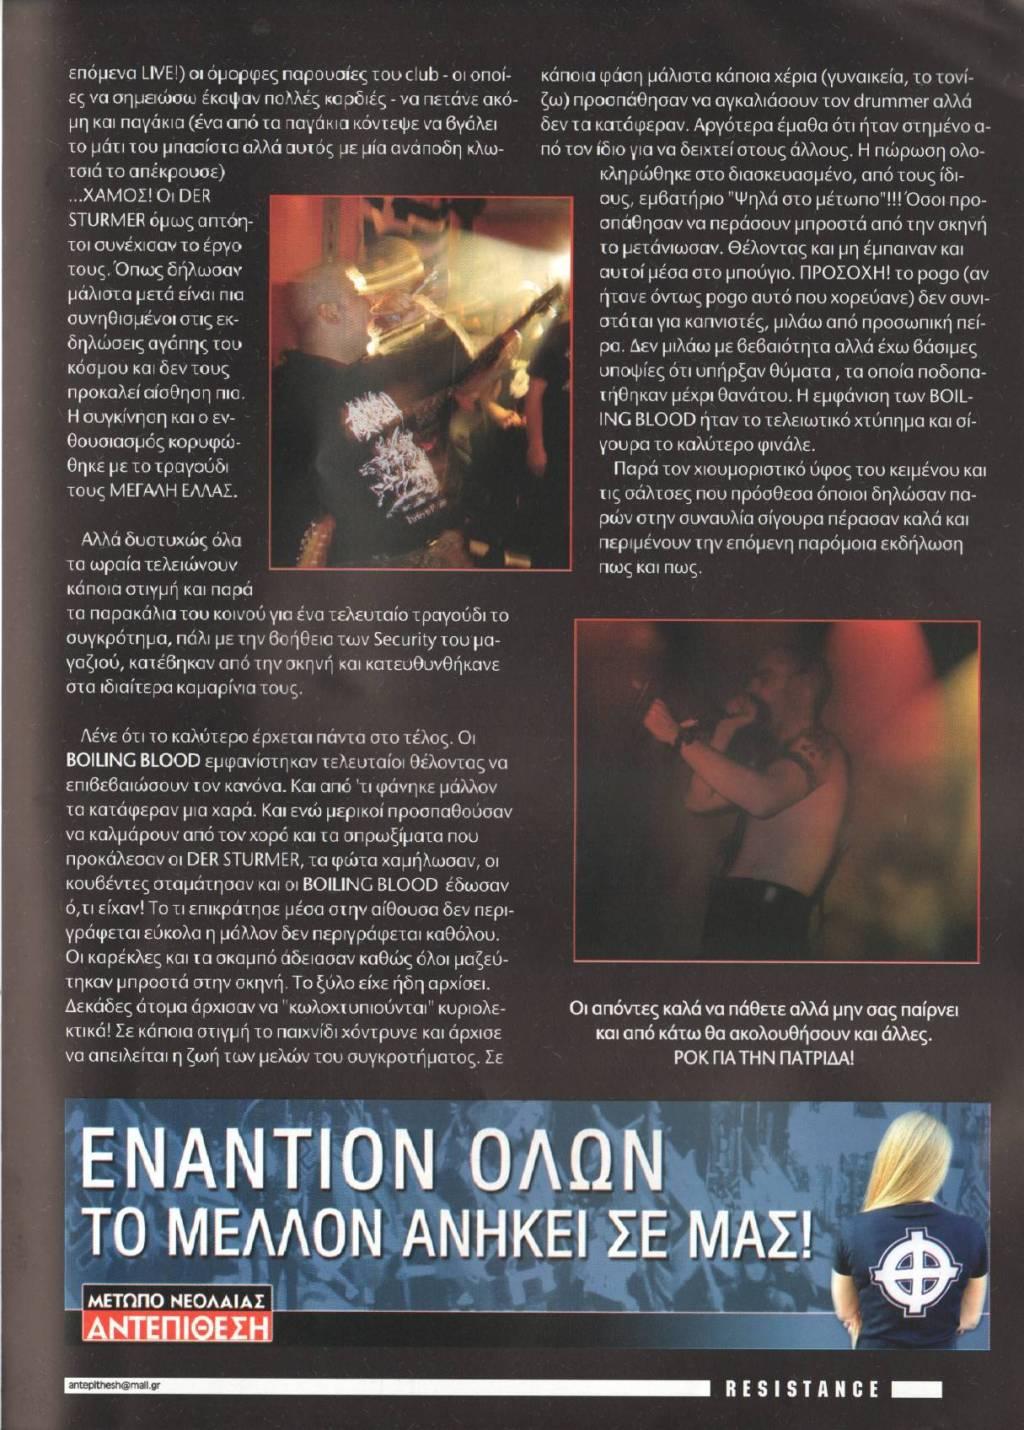 2005-03-ΜΑΡ-ΑΝΤΕΠΙΘΕΣΗ-ΤΧ#22-ΣΕΛ-25 - Ροκ για την πατρίδα 2005-01-30 - Συναυλία σε μαγαζί - Annette & Muller + Pogrom + Ολική Κάθαρση + Boiling Blood - ΑΝΤΕΠΙΘΕΣΗ, Α.Τ. 22, 03-2005, σελ. 25